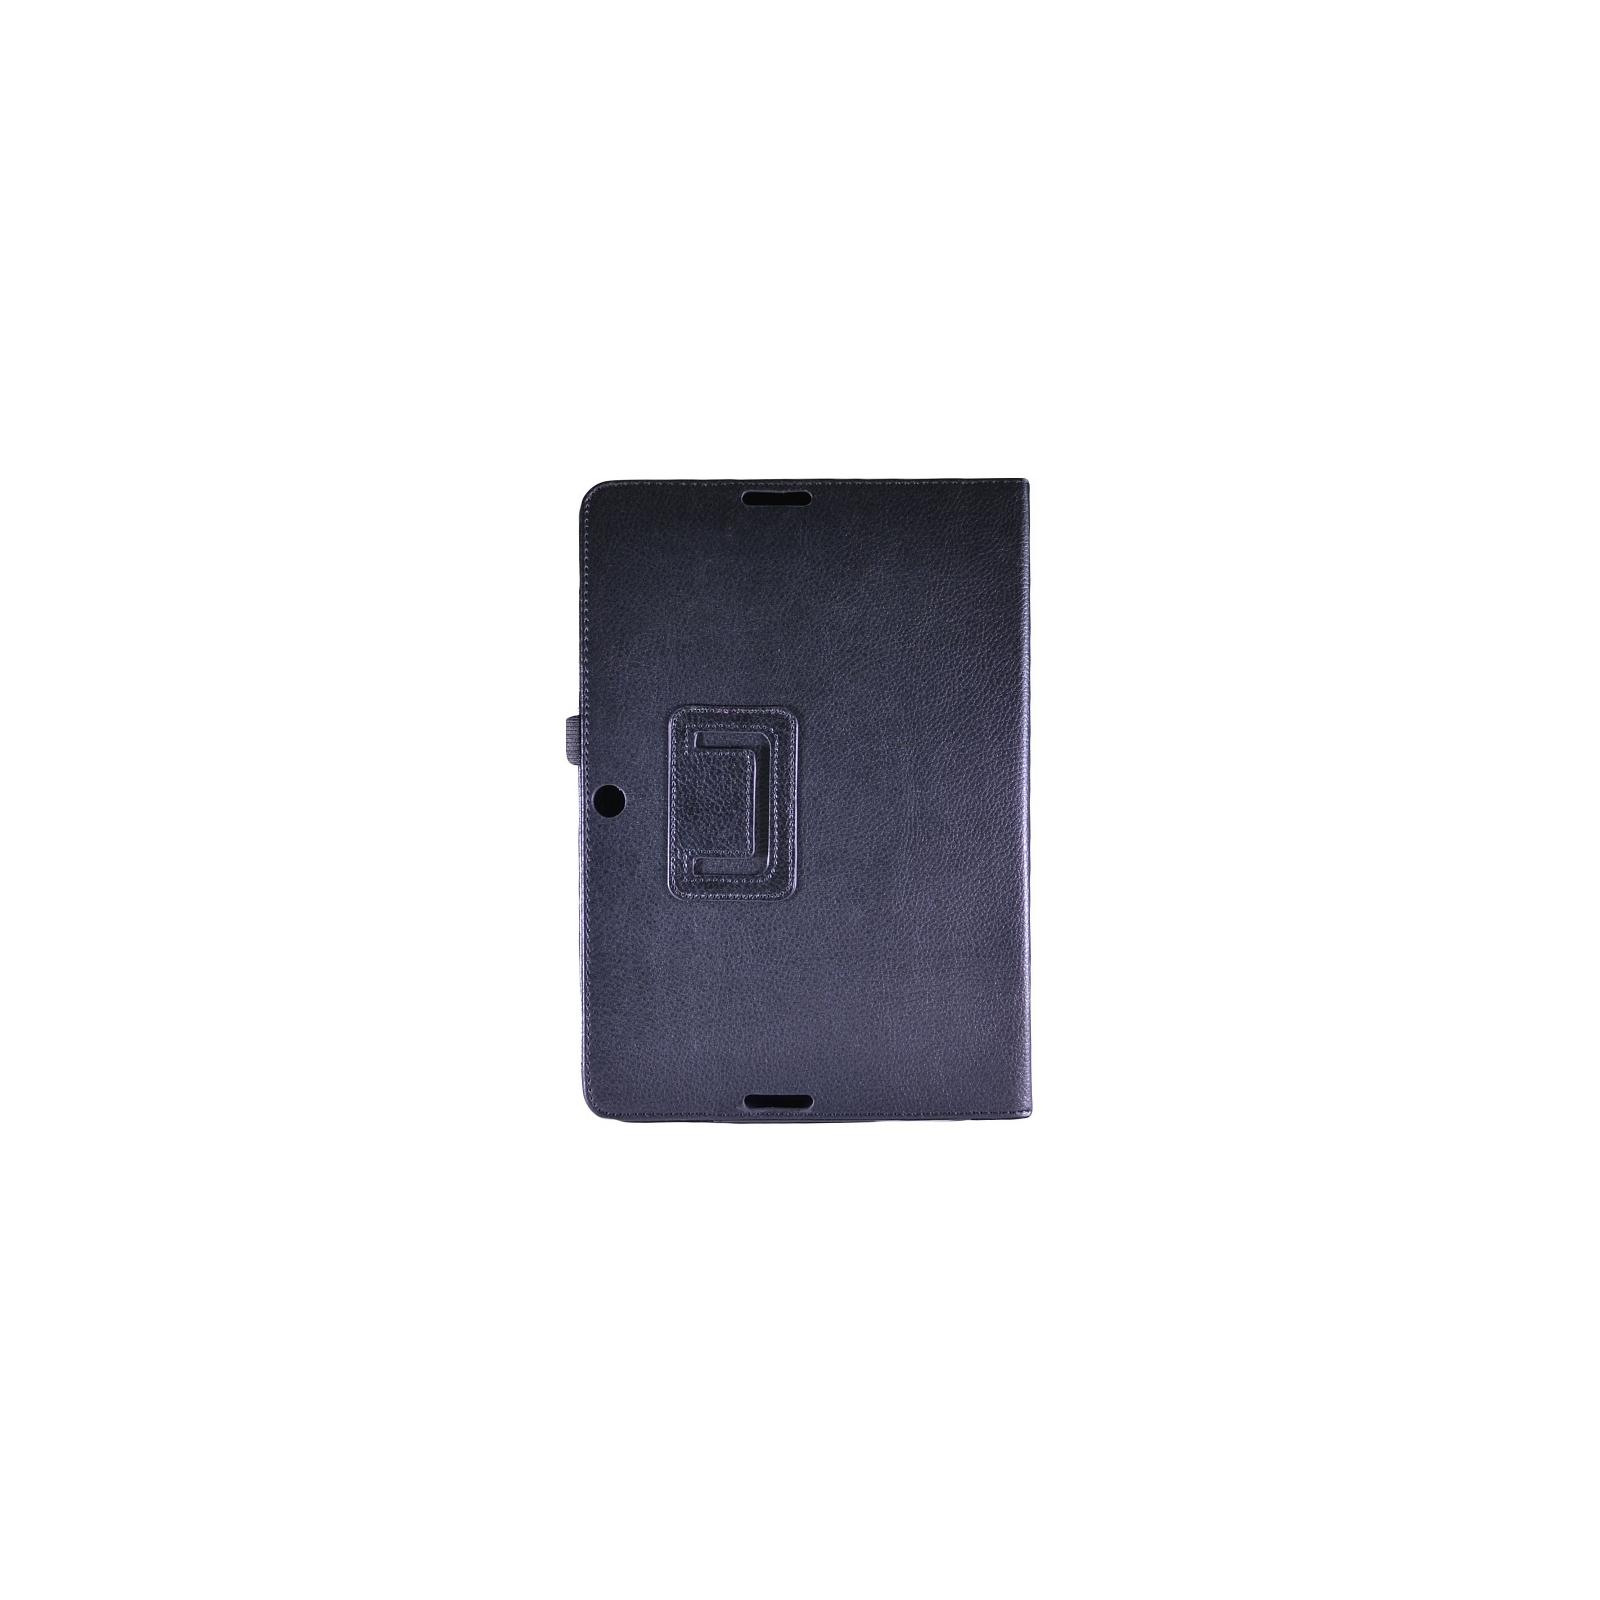 """Чехол для планшета Pro-case 10,1"""" Asus TF103 Black (TF103b) изображение 2"""